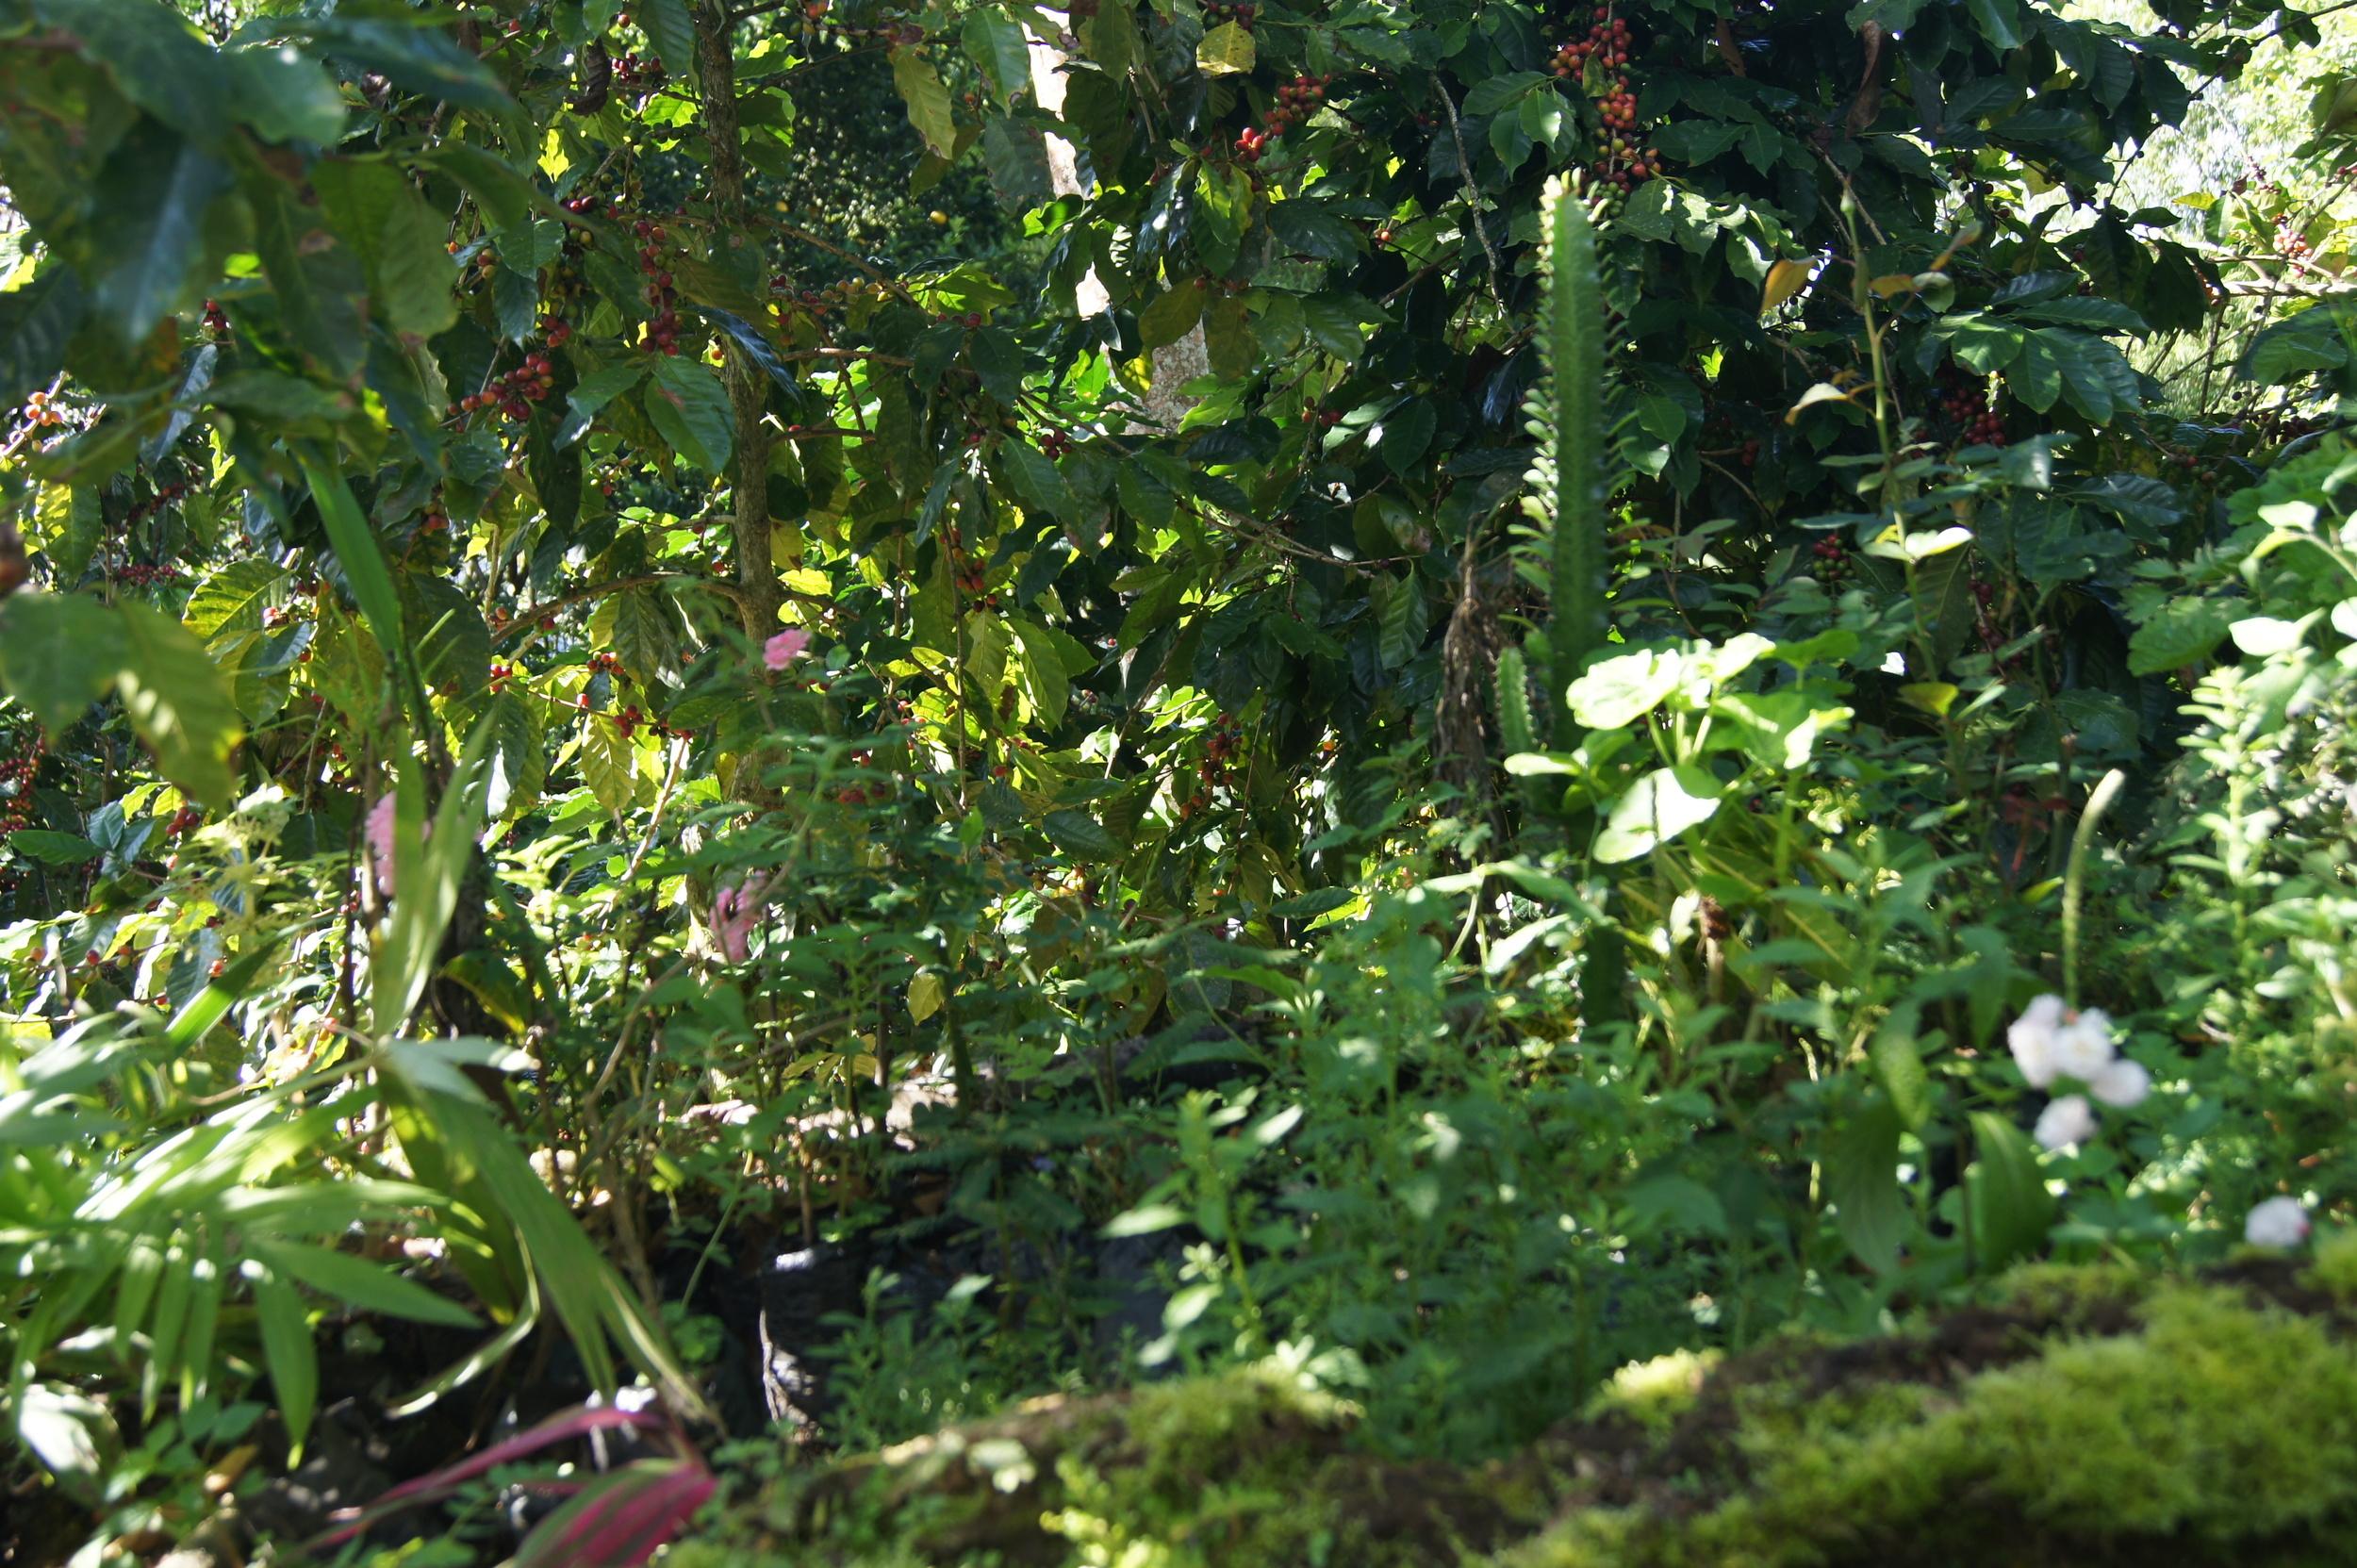 Plantes médicinales, fleurs et arbres fruitiers côtoient les caféiers